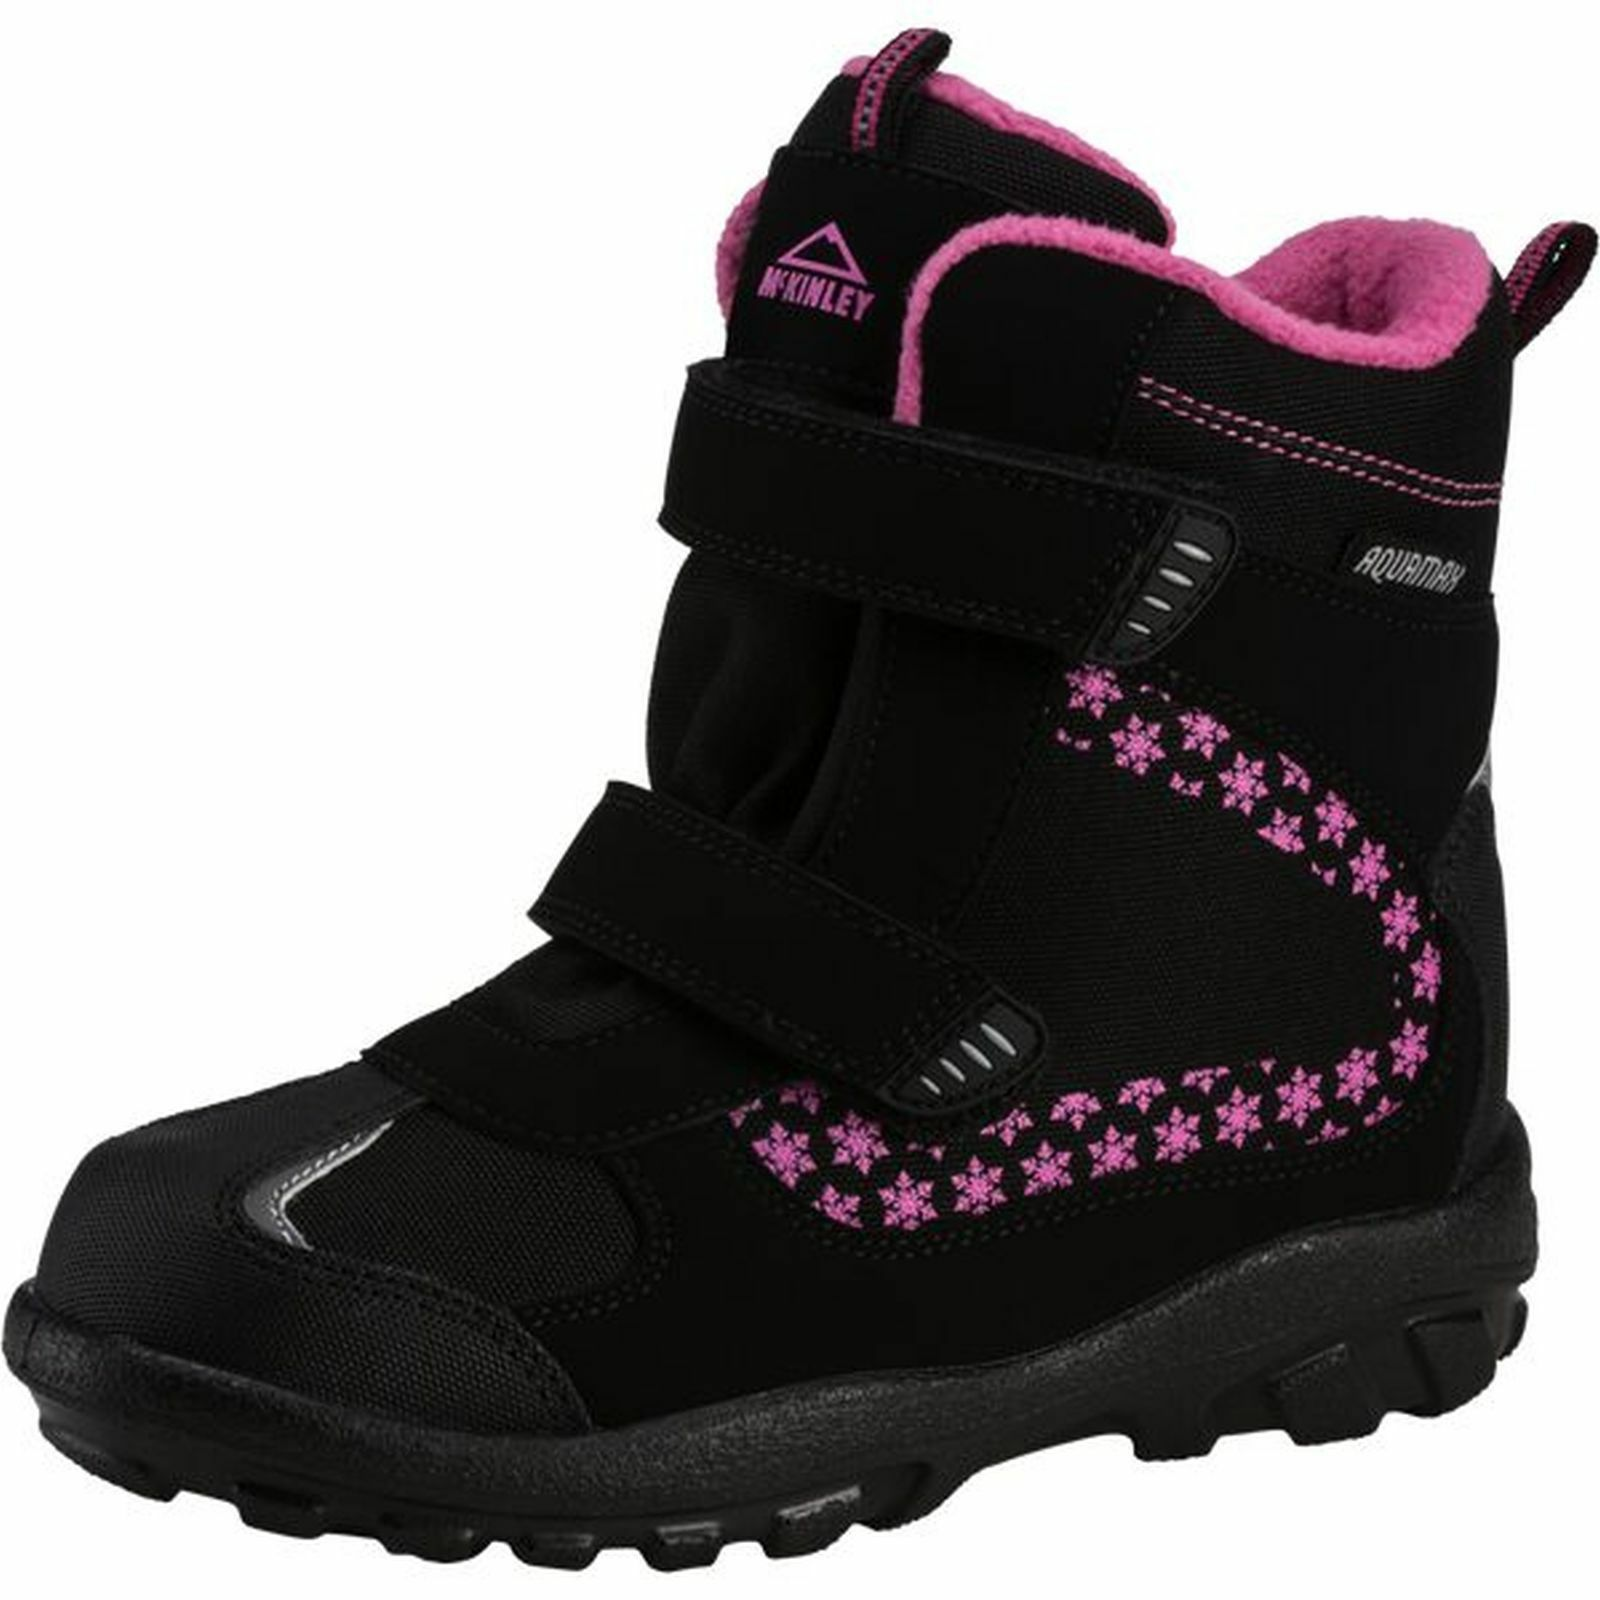 McKinley Mädchen Winterstiefel SNOWTIME AQX ISE black pink